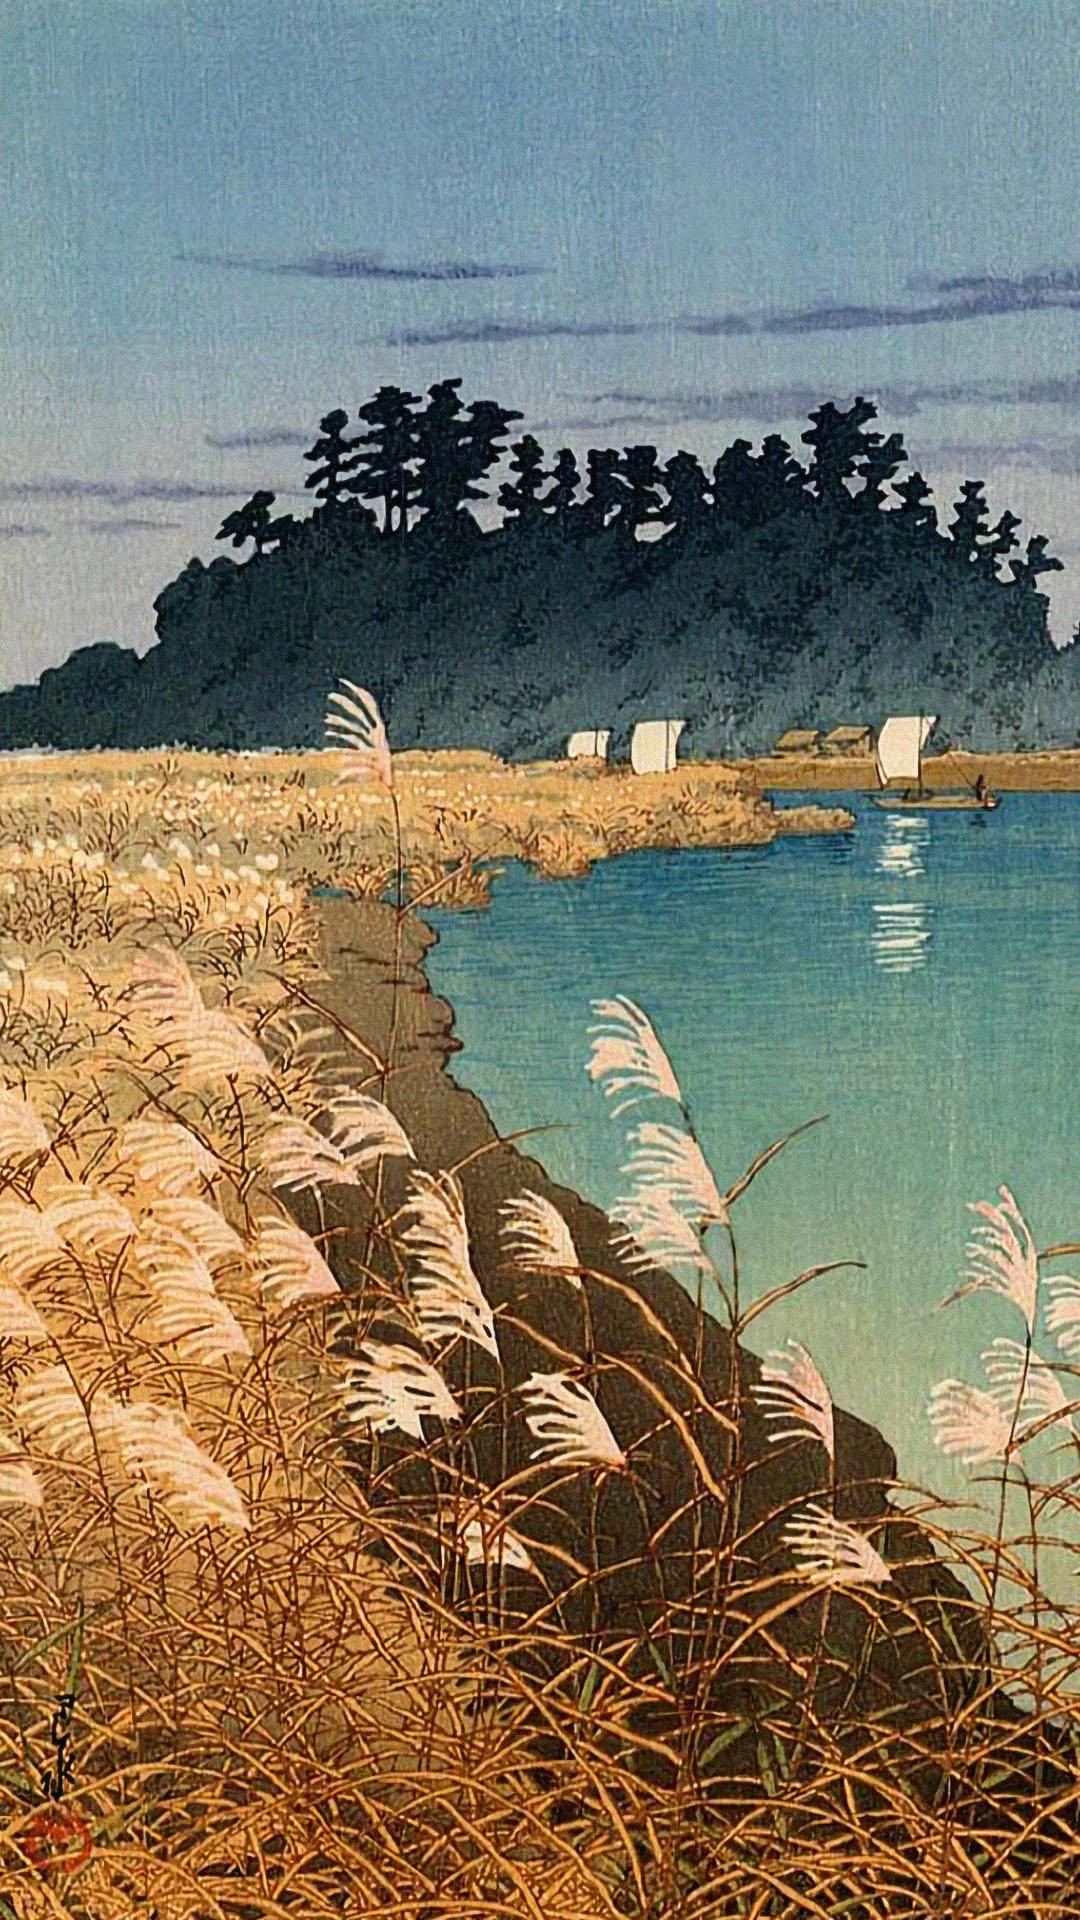 Kawase Hasui - Ichikawa no banshu 1080x1920